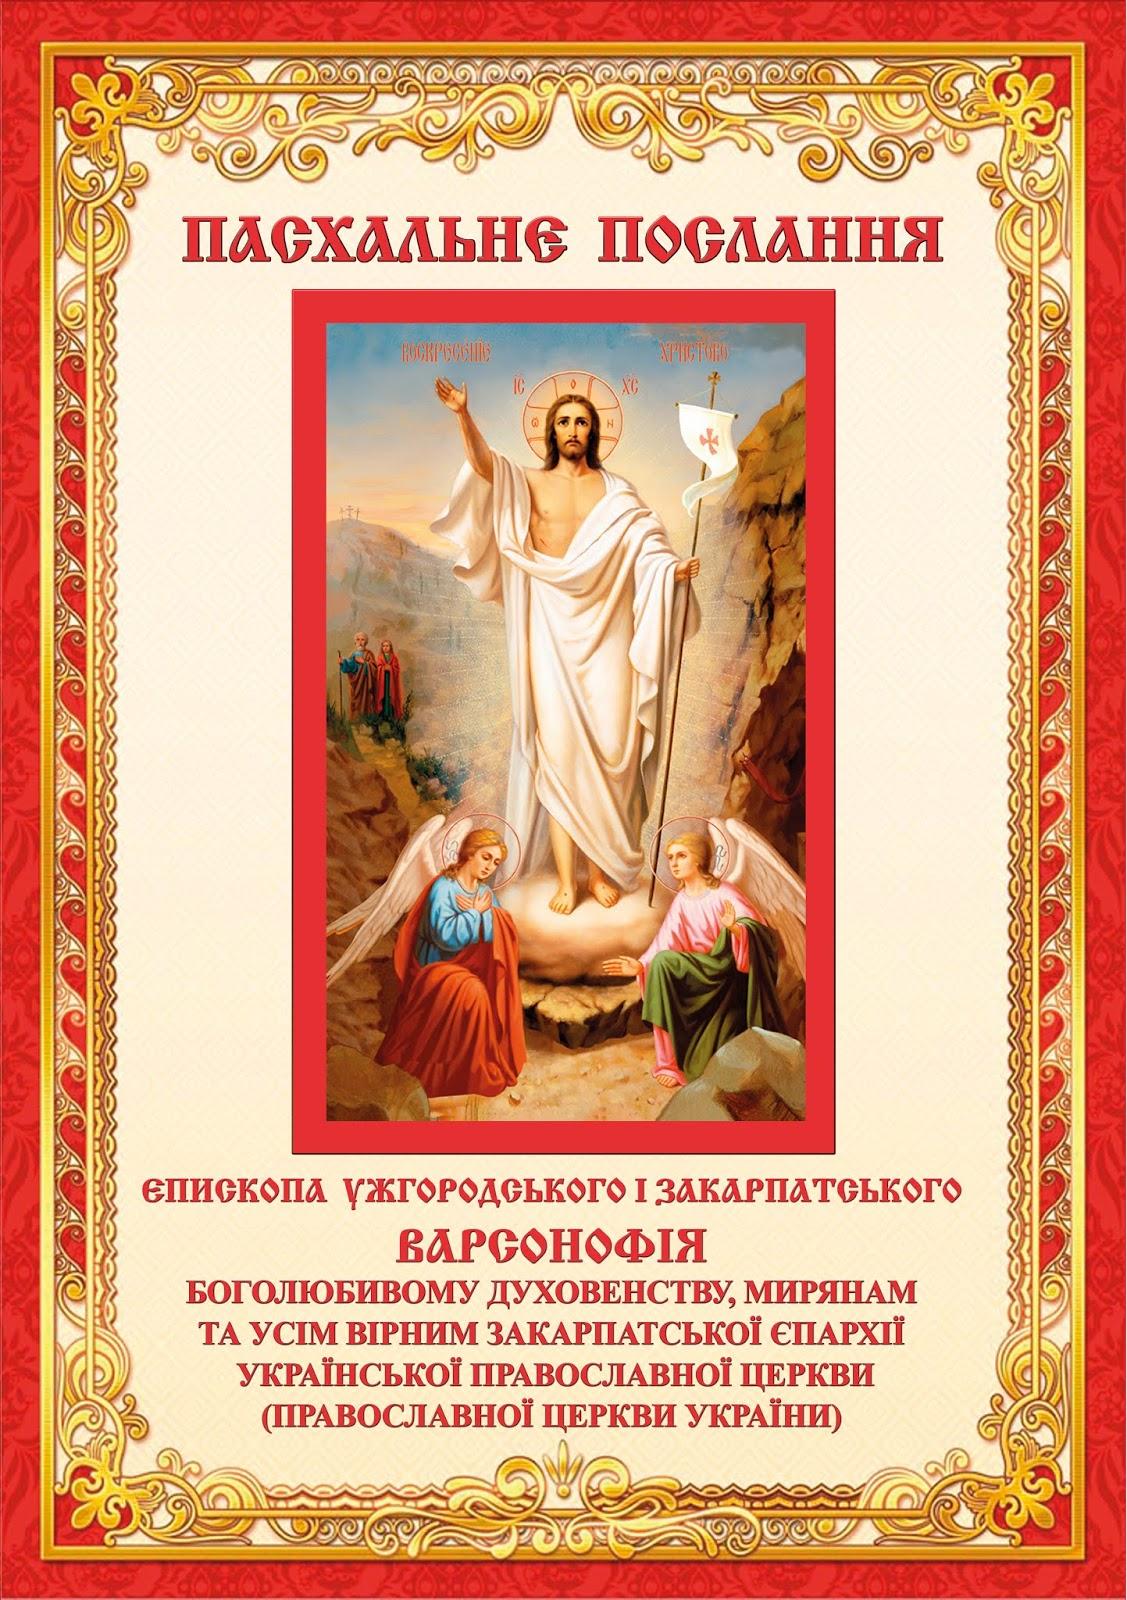 ПАСХАЛЬНЕ ПОСЛАННЯ ЄПИСКОПА УЖГОРОДСЬКОГО І ЗАКАРПАТСЬКОГО  ВАРСОНОФІЯ.